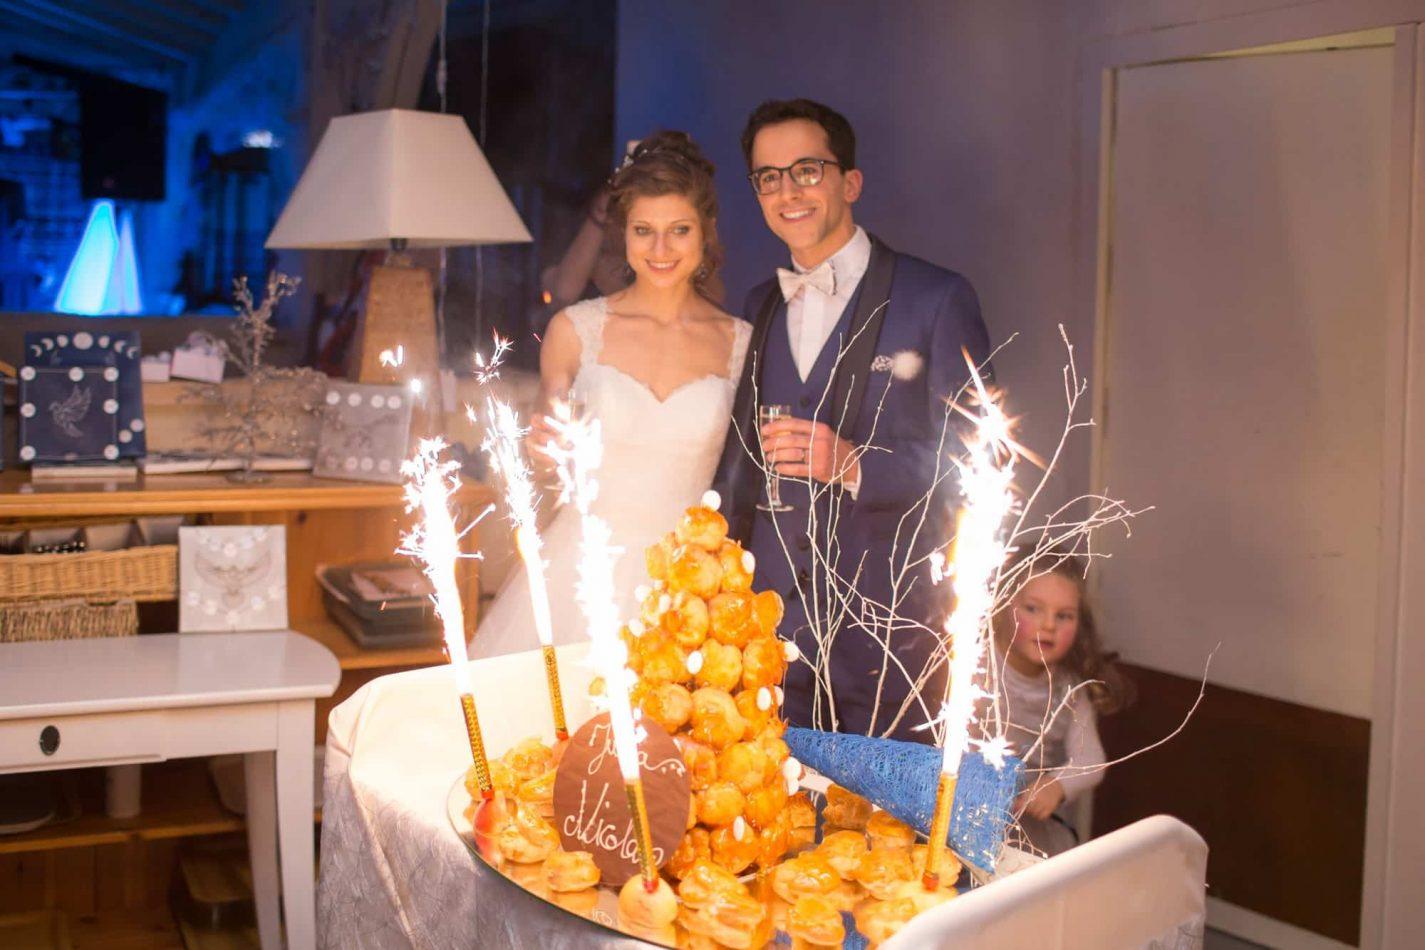 la jolie pièce montée avec les mariés souriants derrière